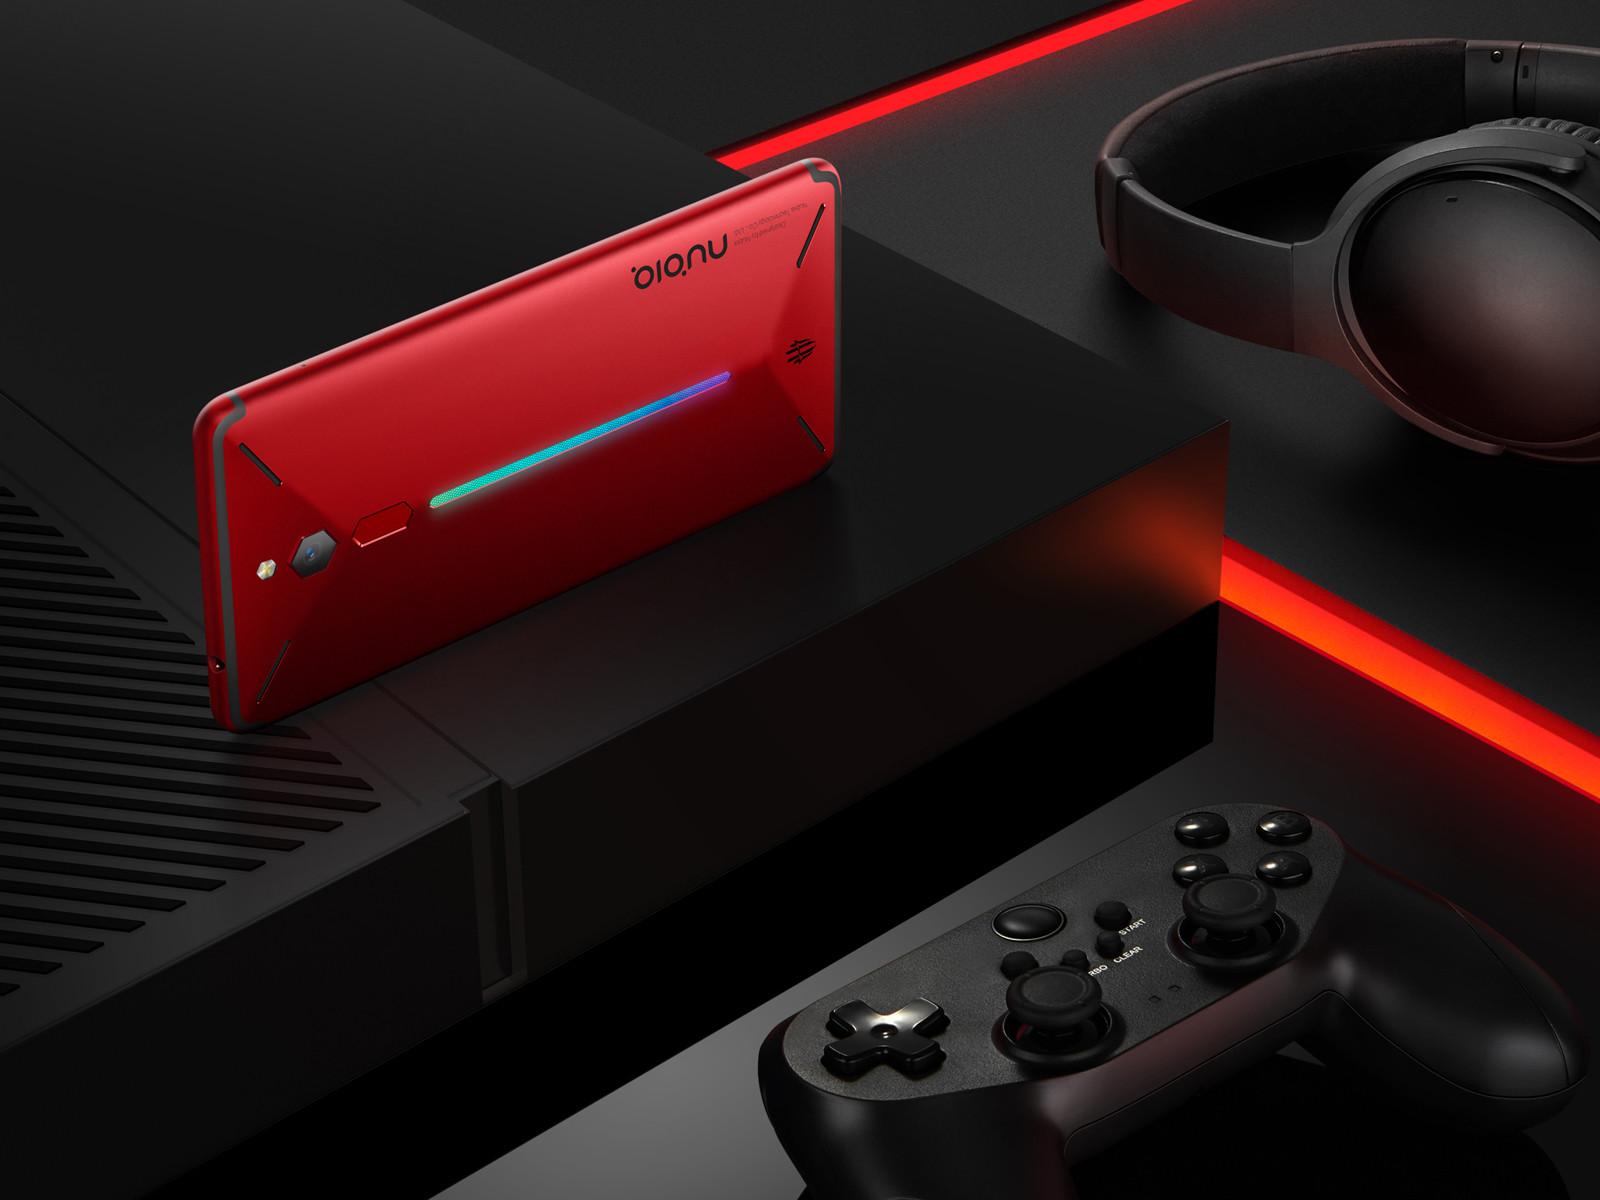 努比亚红魔电竞游戏手机(64GB)整体外观第7张